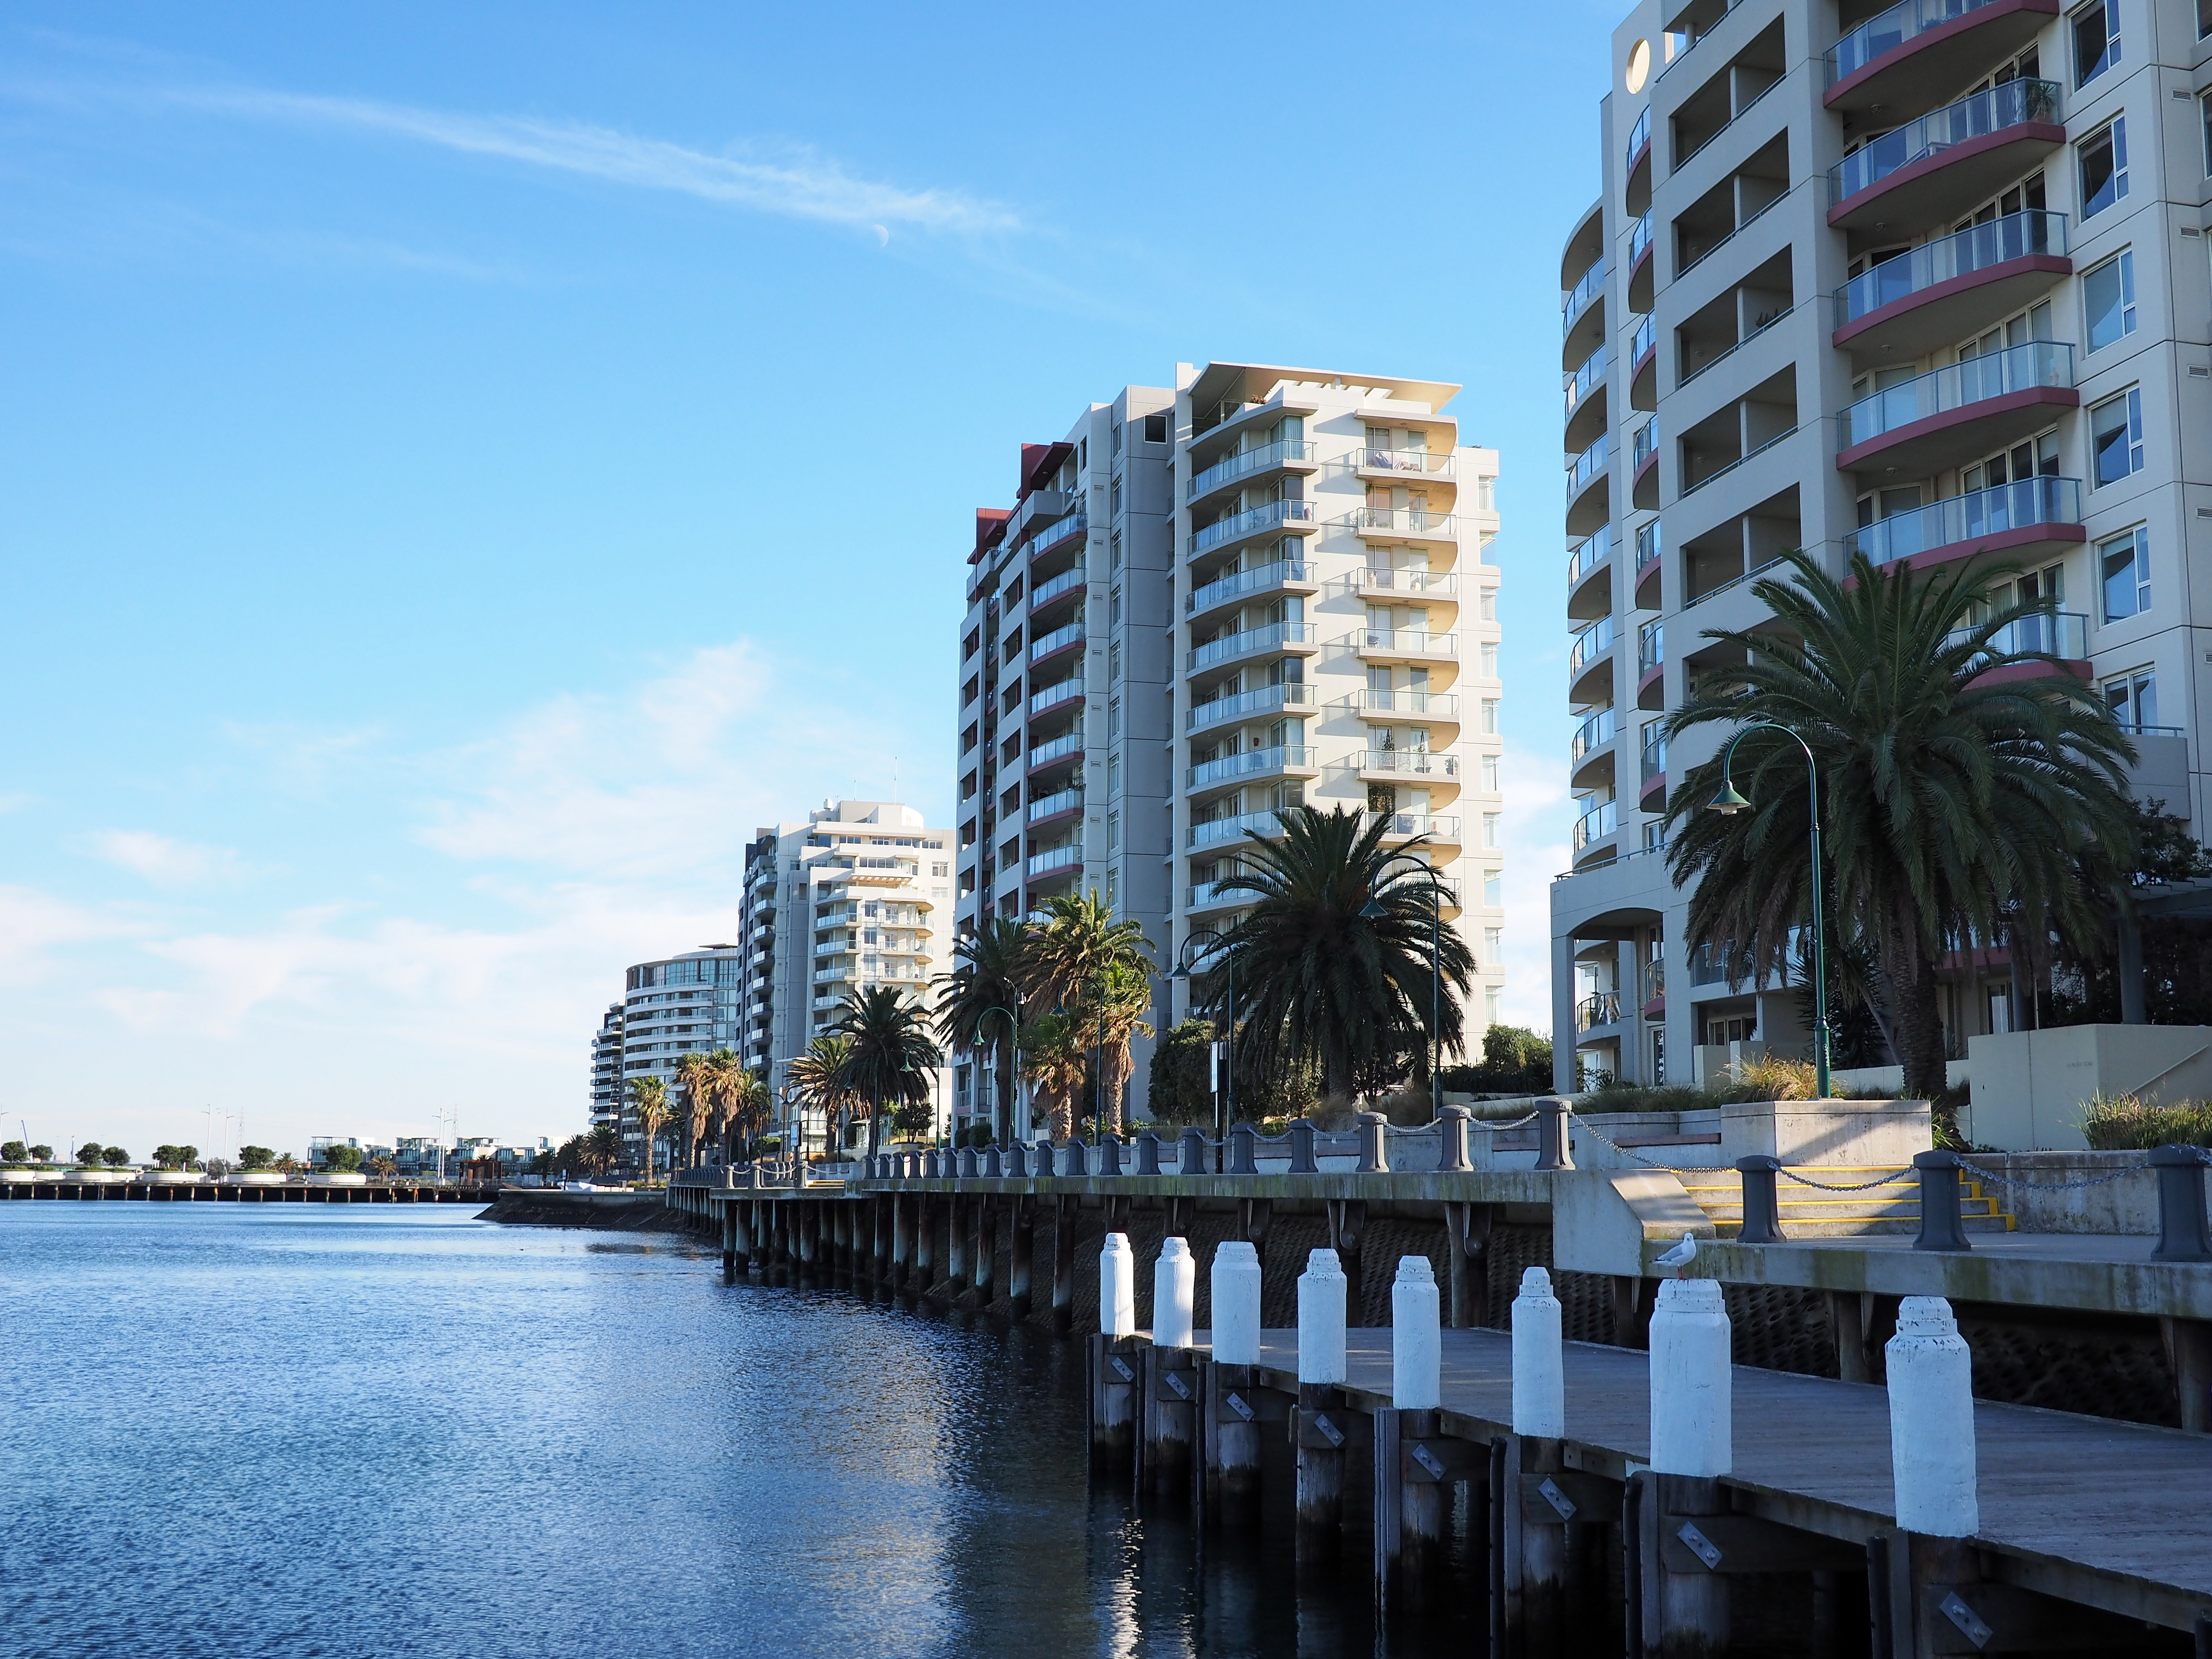 File Apartment Buildings At Port Melbourne In June 2017 Jpg